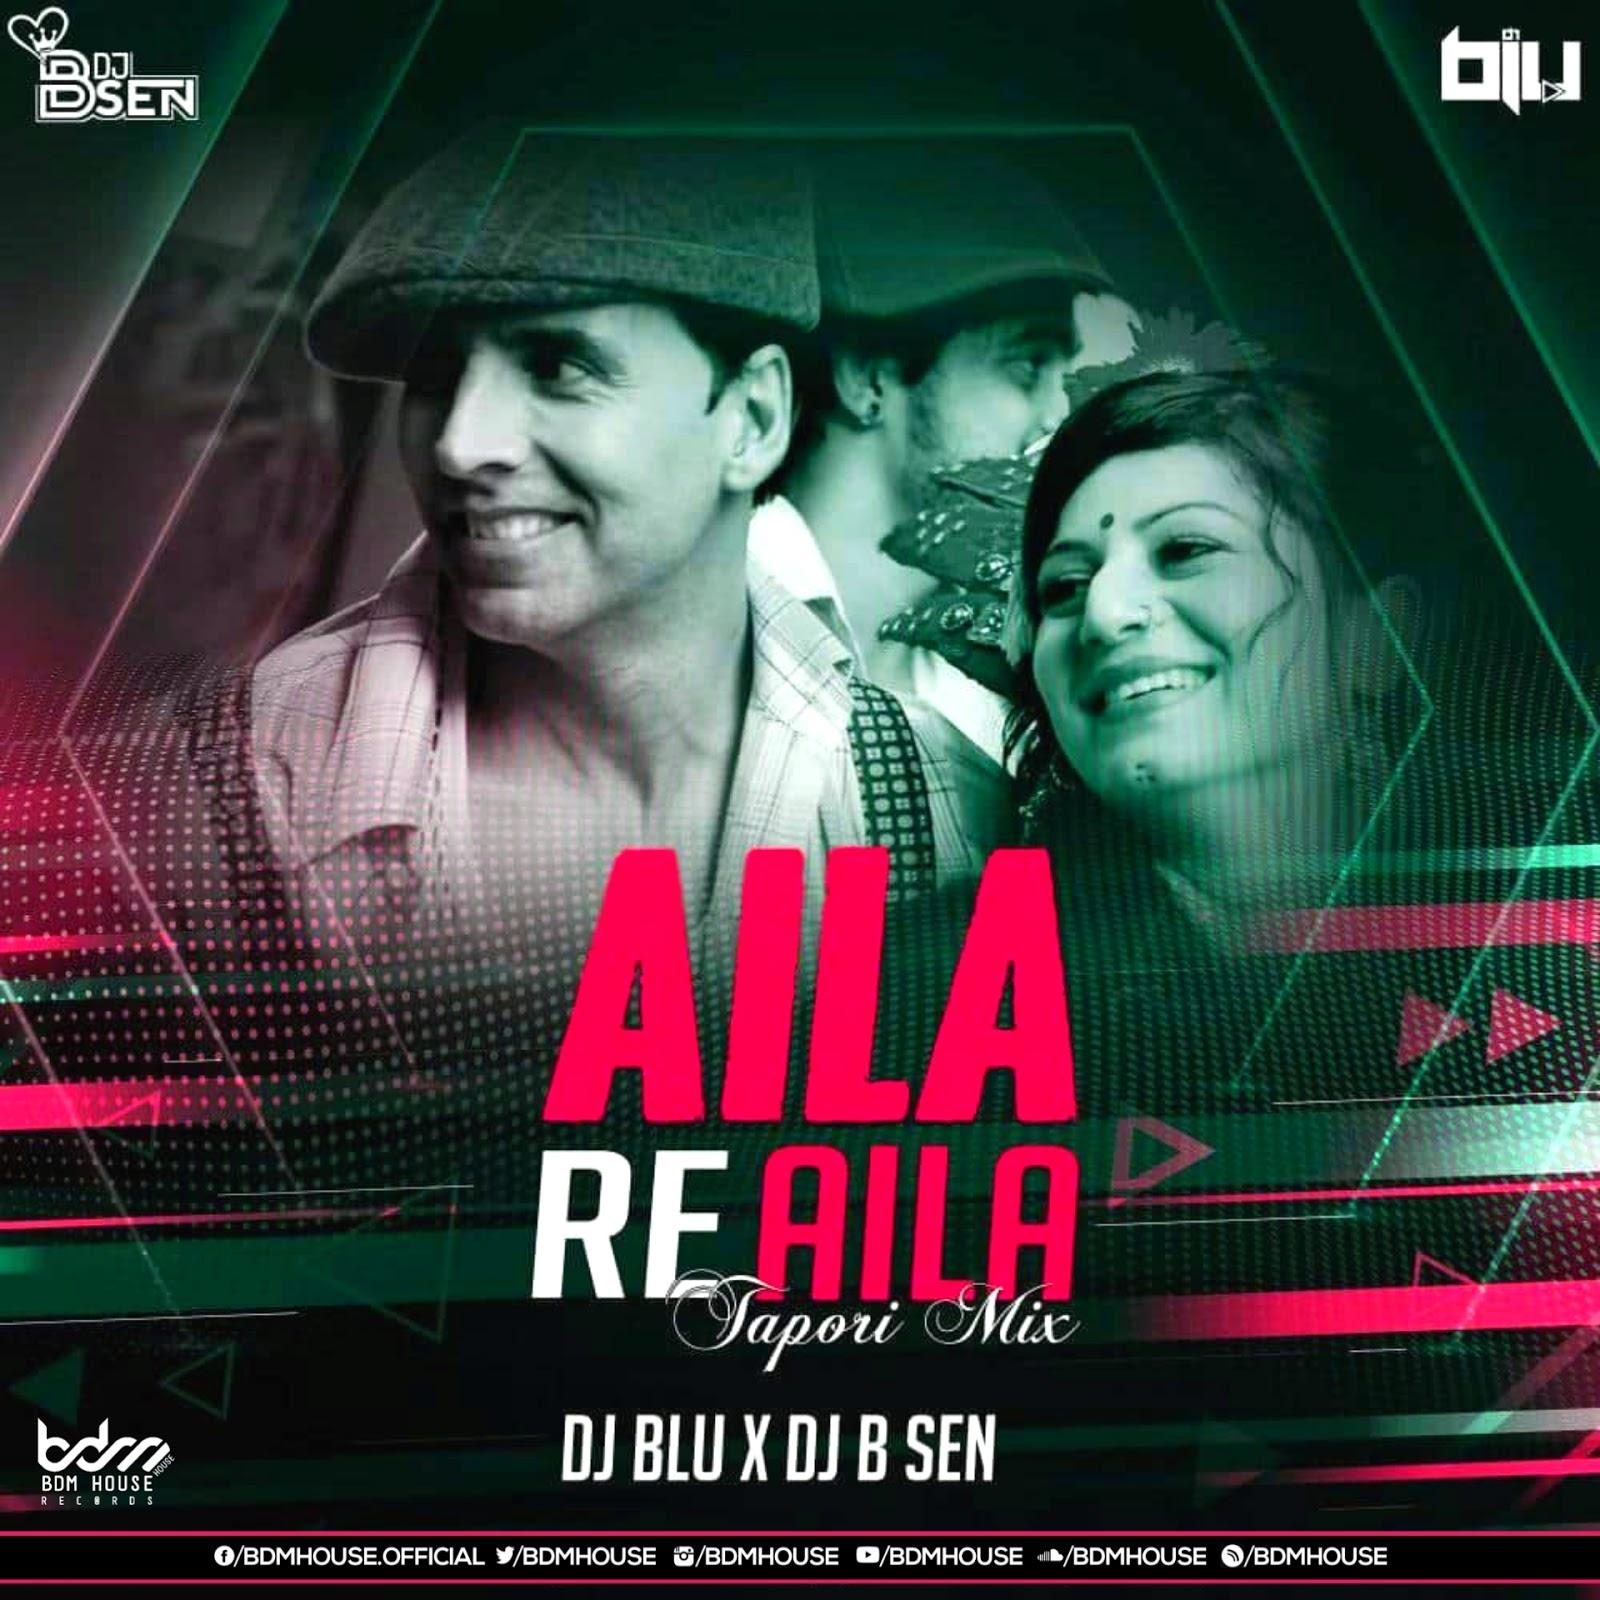 AILA  RE AILA (TAPORI MIX) DJ BLU X DJ B SEN